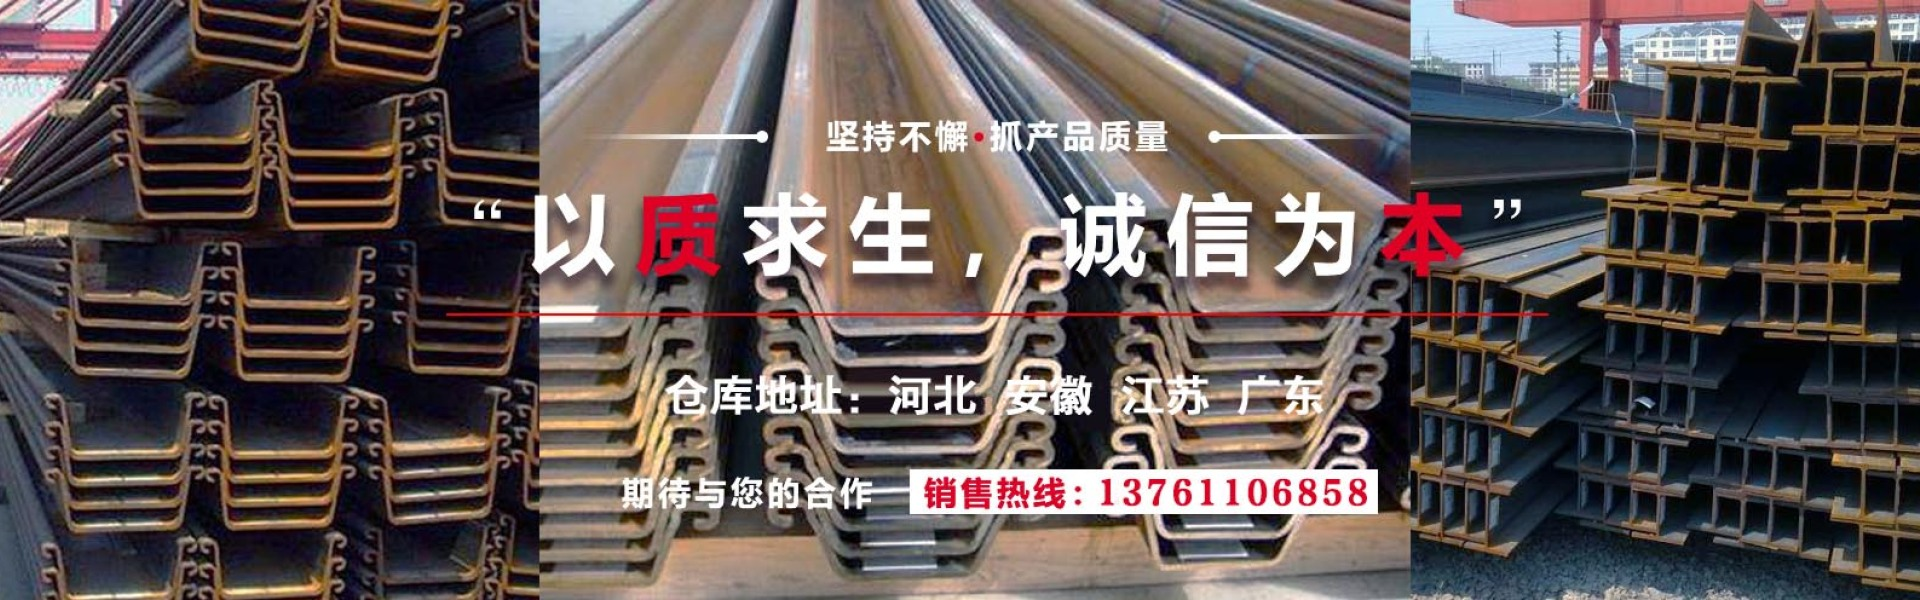 钢板桩|钢板桩销售|钢板桩厂家|拉森钢板桩|钢板桩锁扣|华南钢板桩